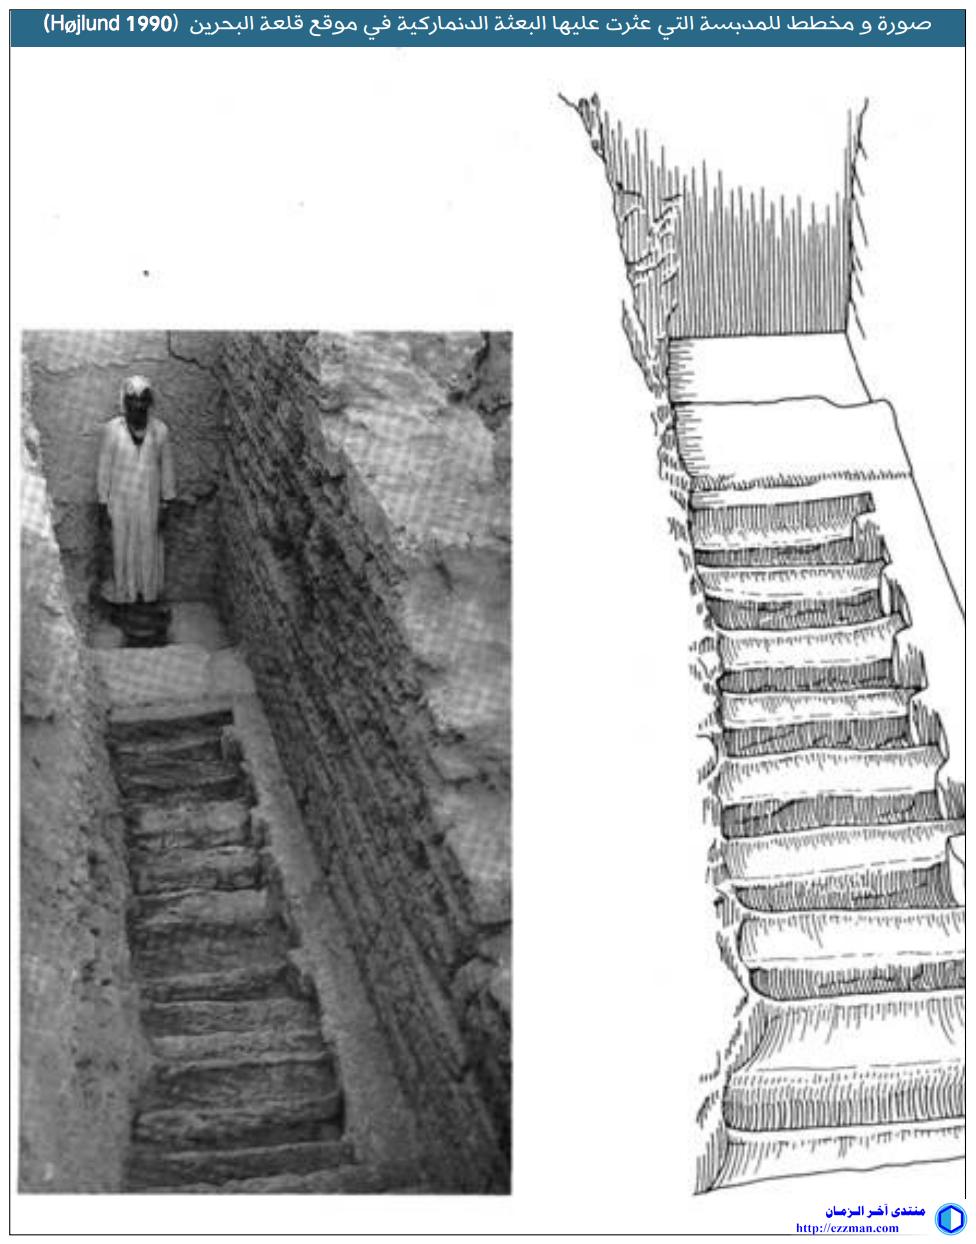 صناعة الدبس: تطور المدبسة 4000